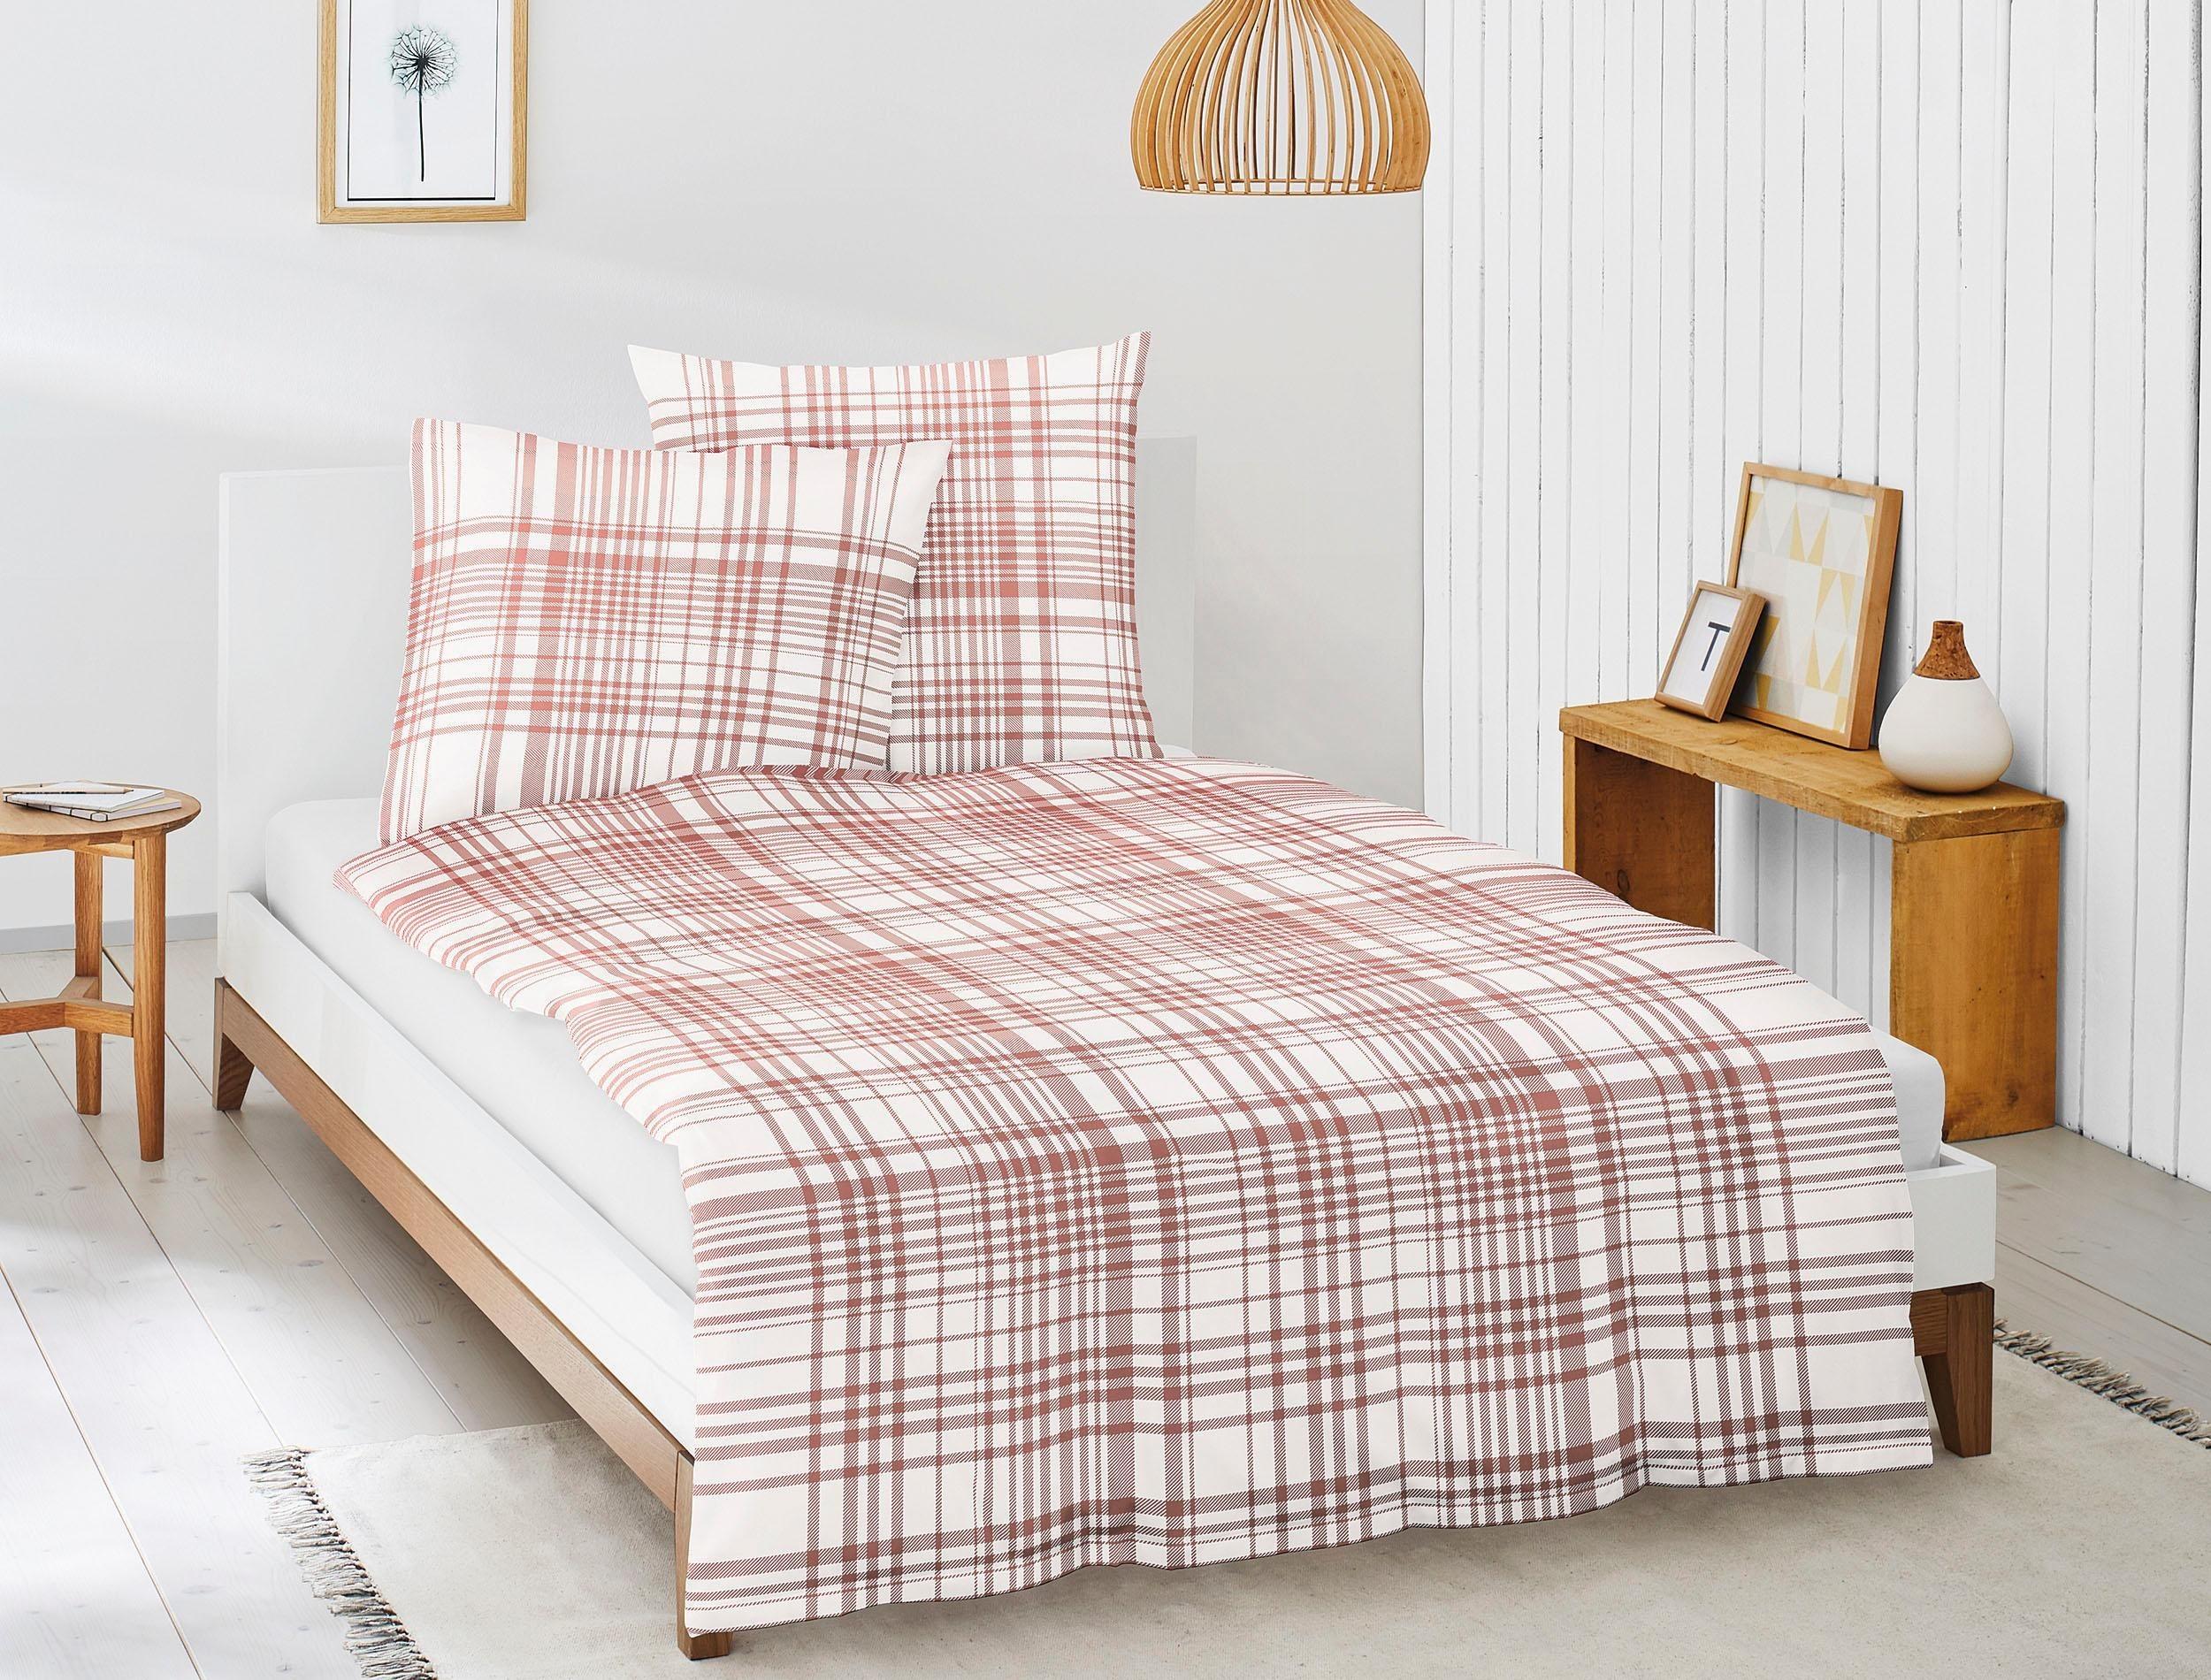 bettw sche baumwolle rot wei preisvergleich die besten angebote online kaufen. Black Bedroom Furniture Sets. Home Design Ideas